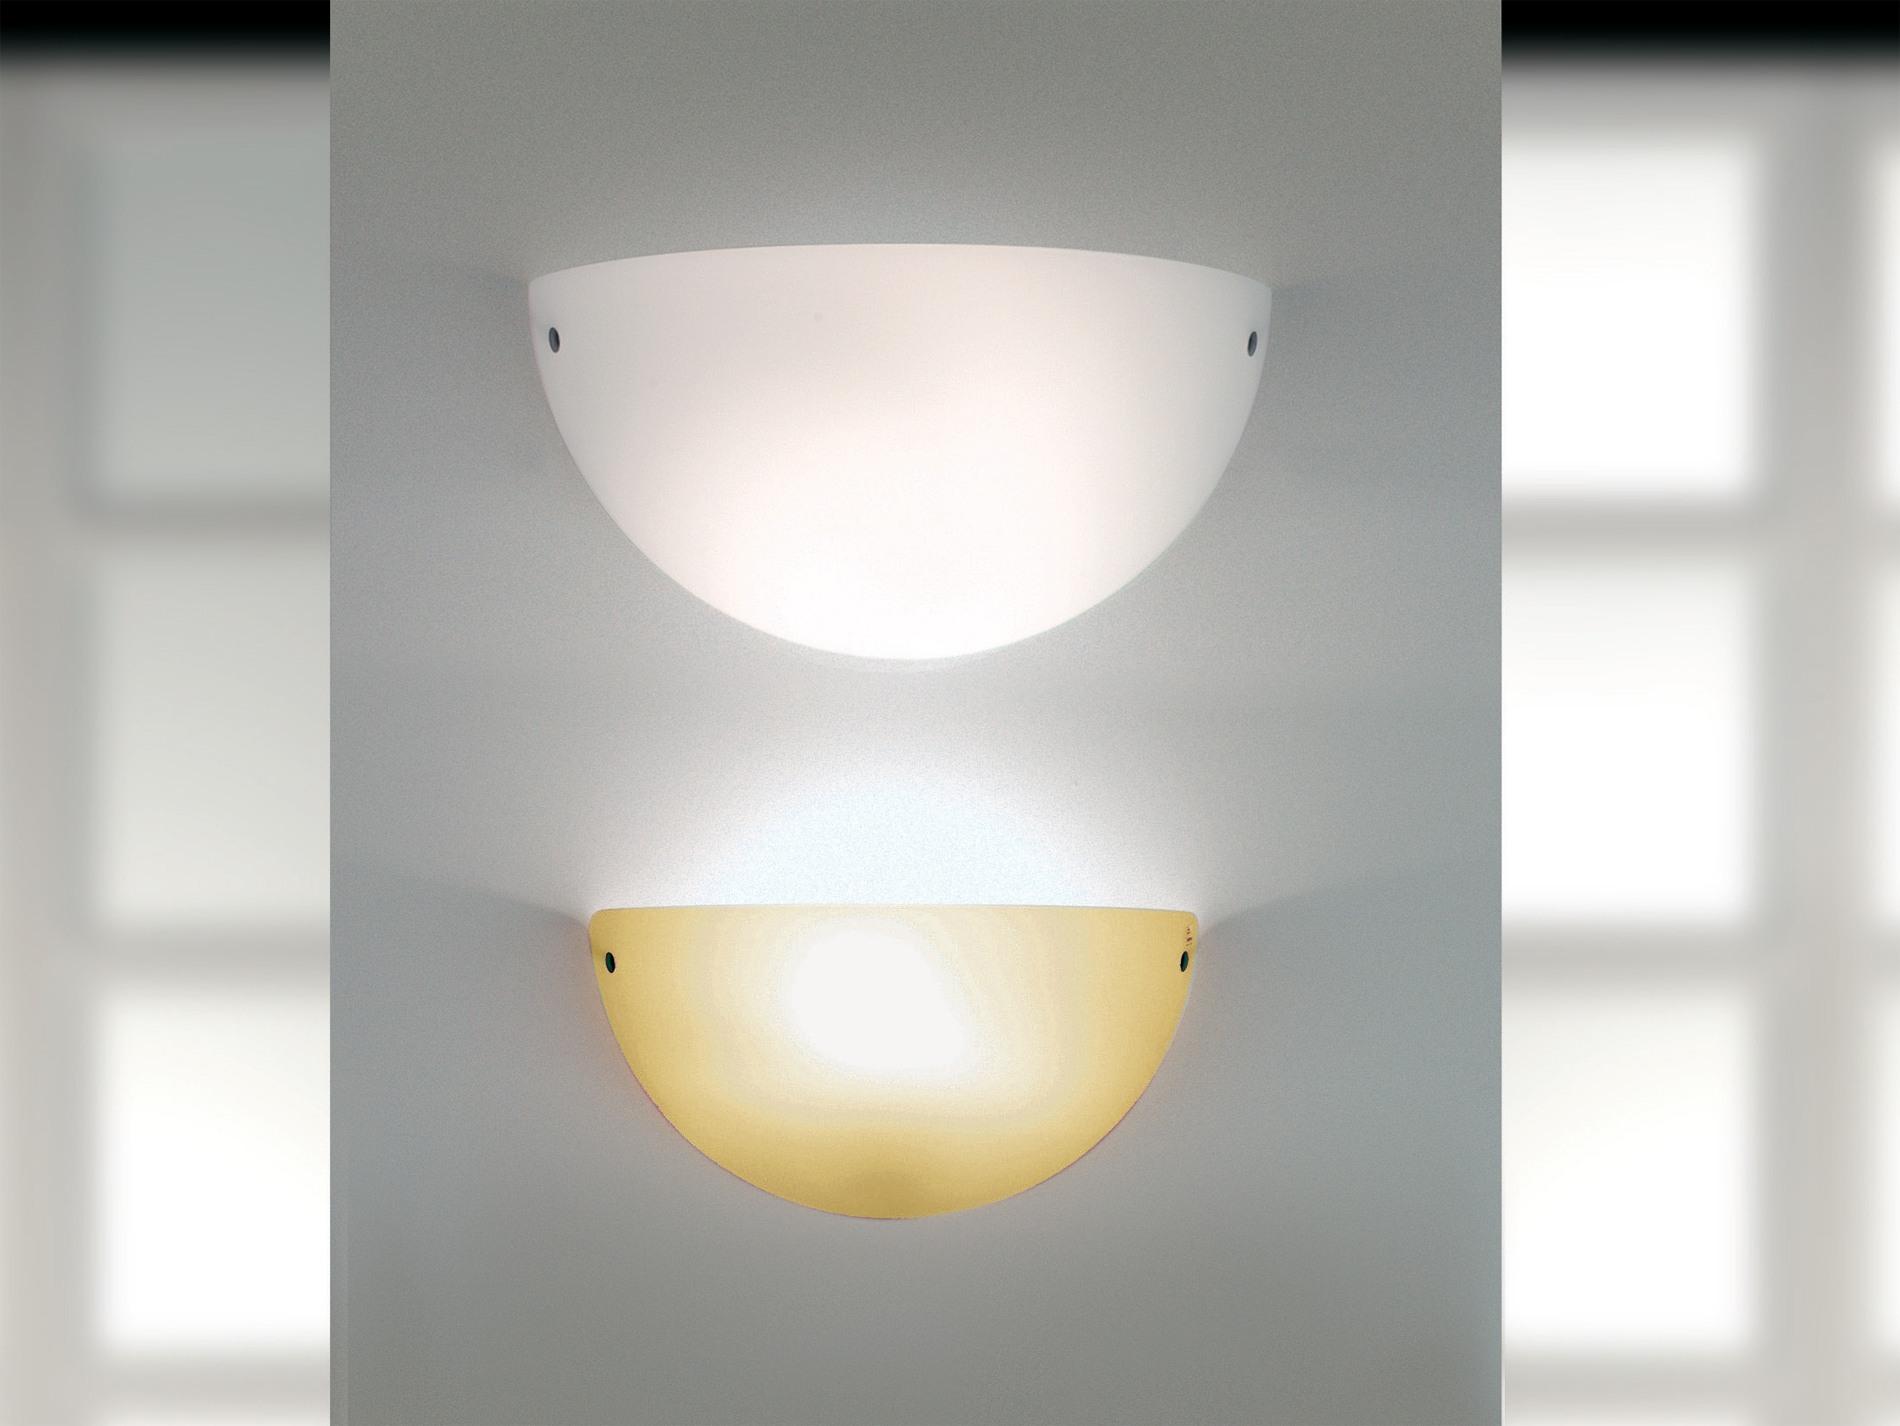 Lampada design da parete egoluce drim led 4545 4546 for Lampade a led vendita online